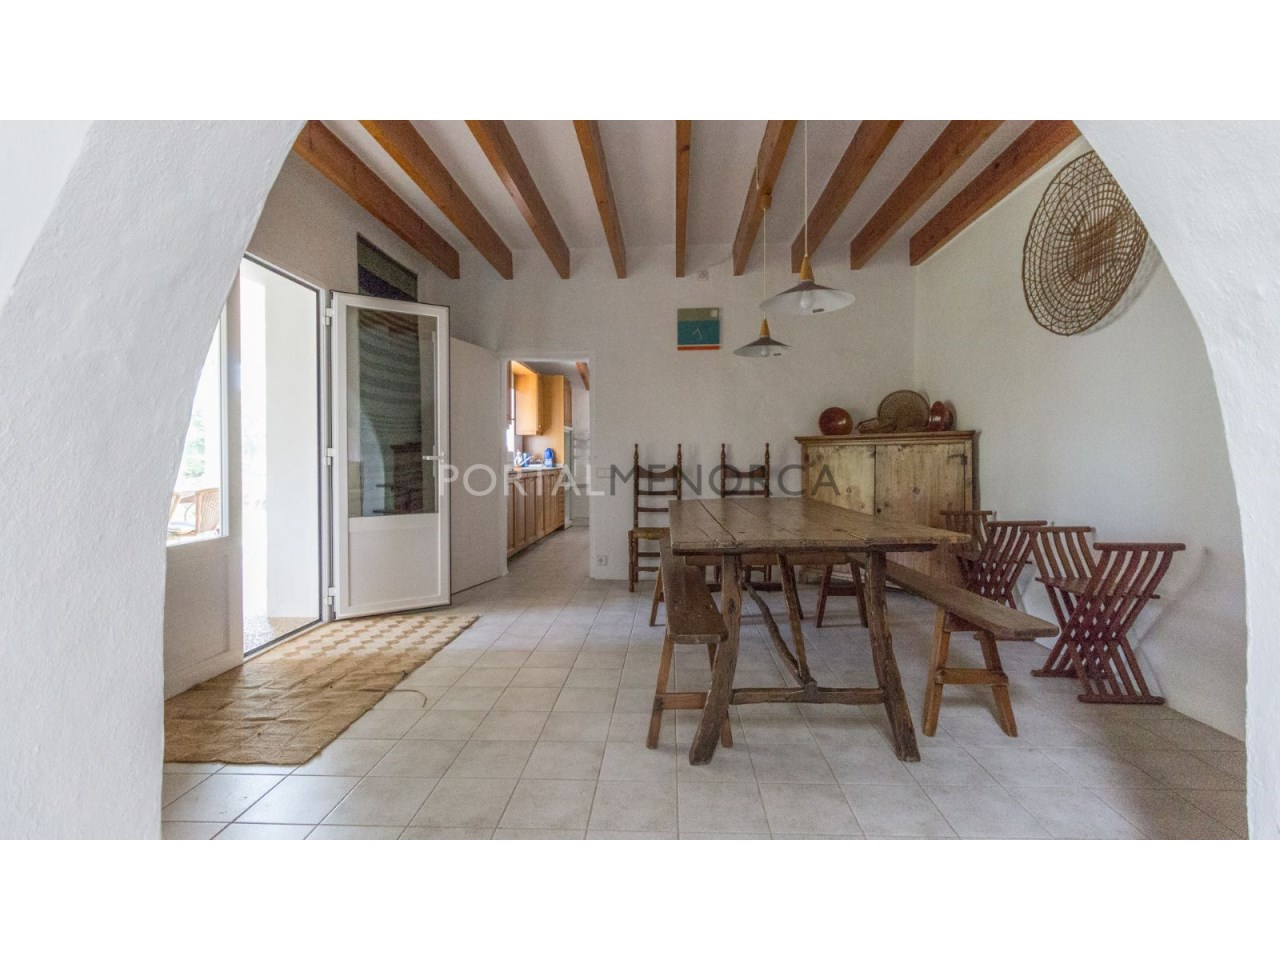 casa de campo en Sant Lluis, Menorca (3 de 22)